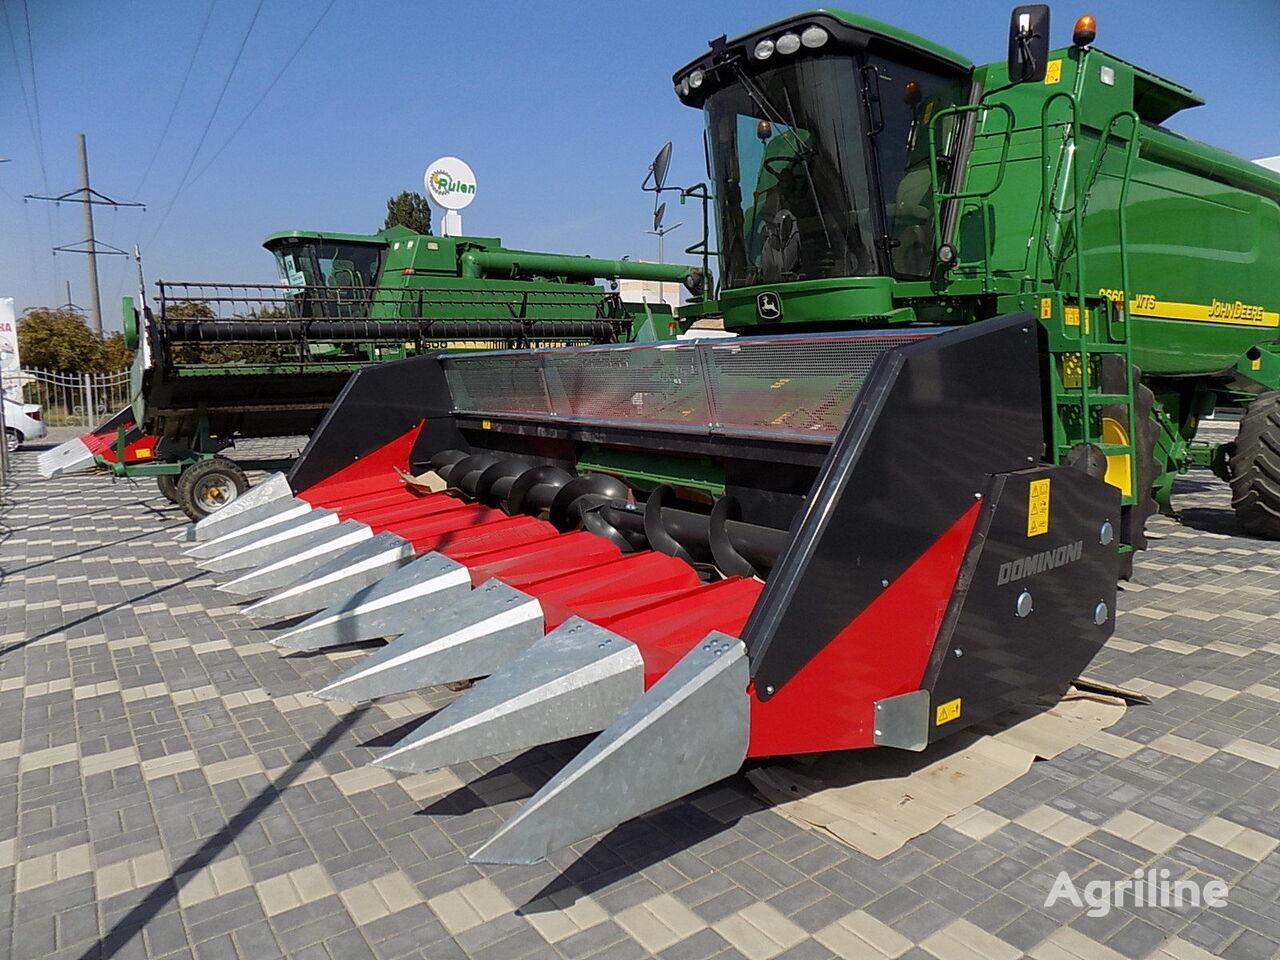 echipament recoltat floarea soarelui Dominoni TOPSUN GT908 CLAAS JOHN DEERE nou